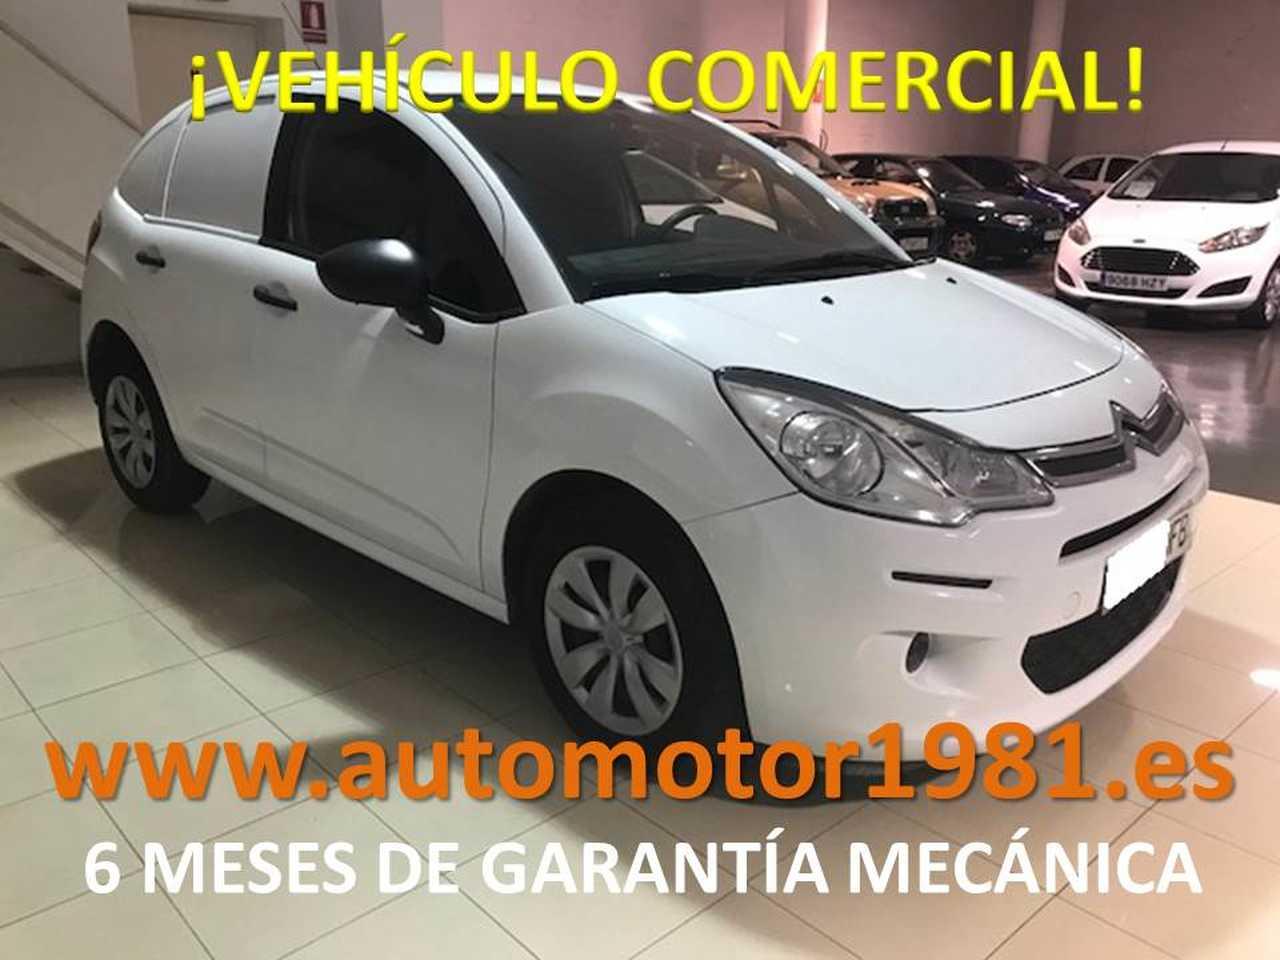 Citroën C3 Comercial HDi 70 - 6 MESES GARANTIA MECANICA  - Foto 1